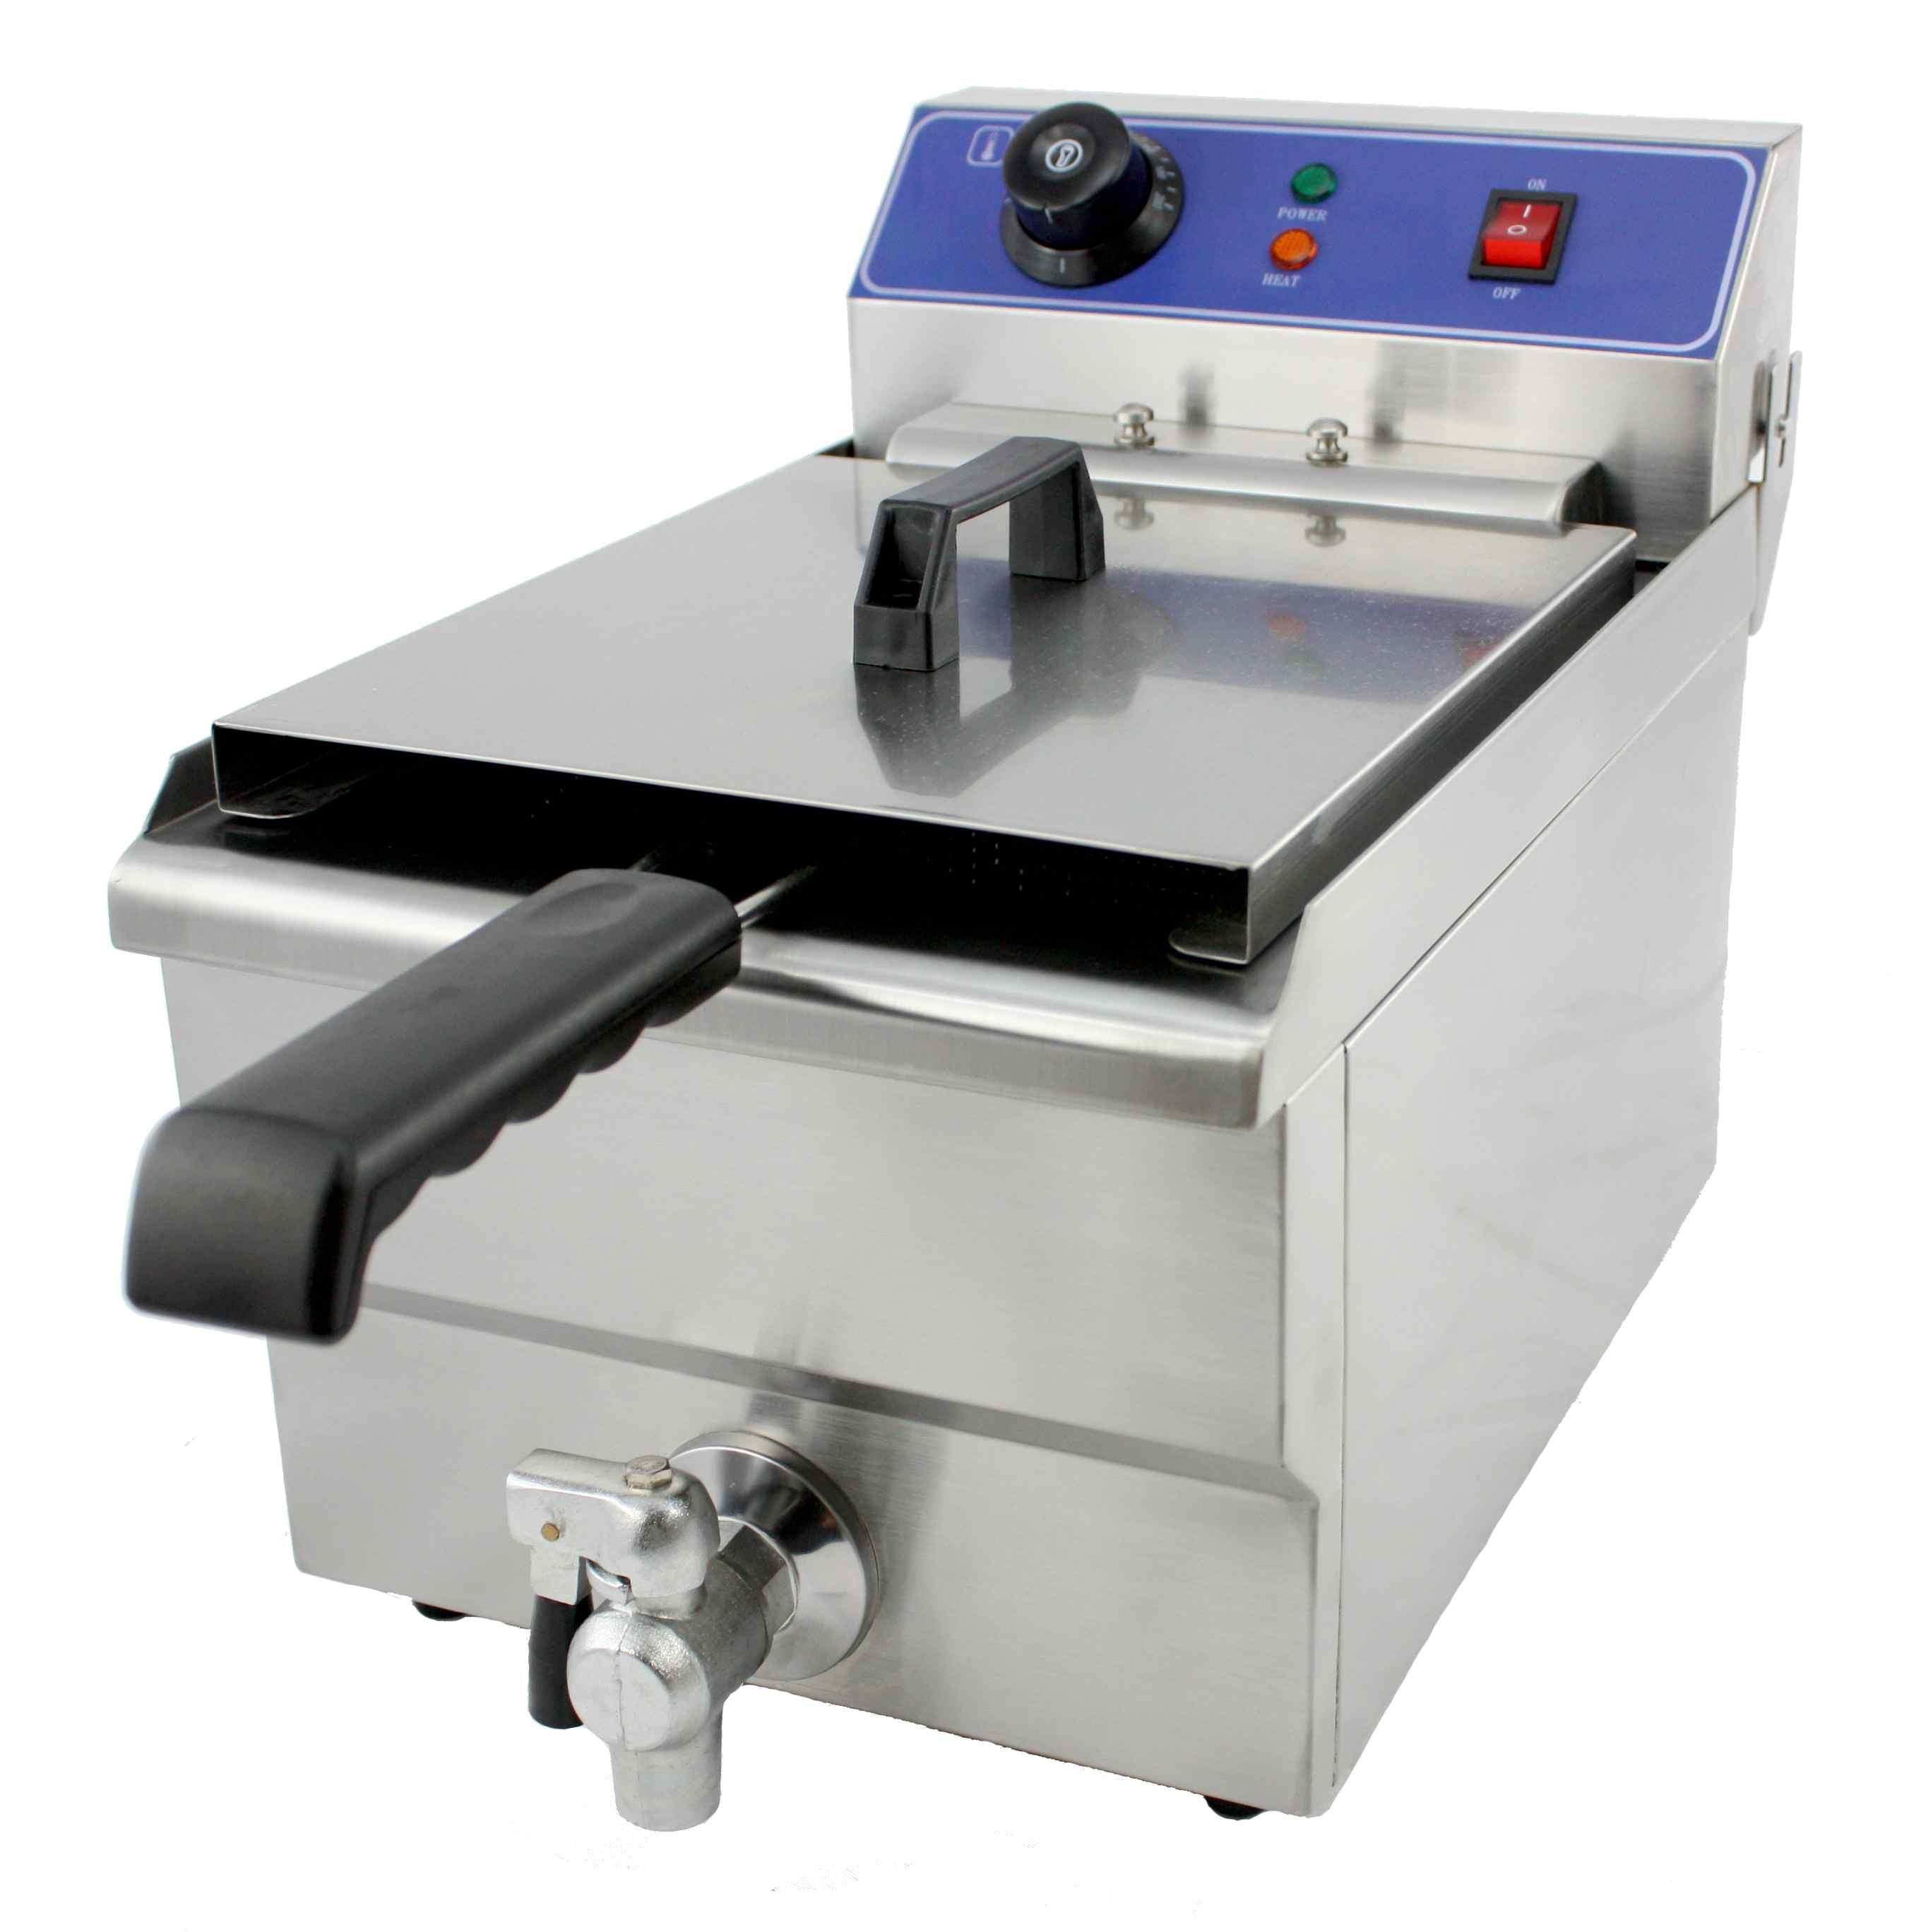 Elektro-Friteuse als Tischgerät mit 9,8 Litern Inhalt